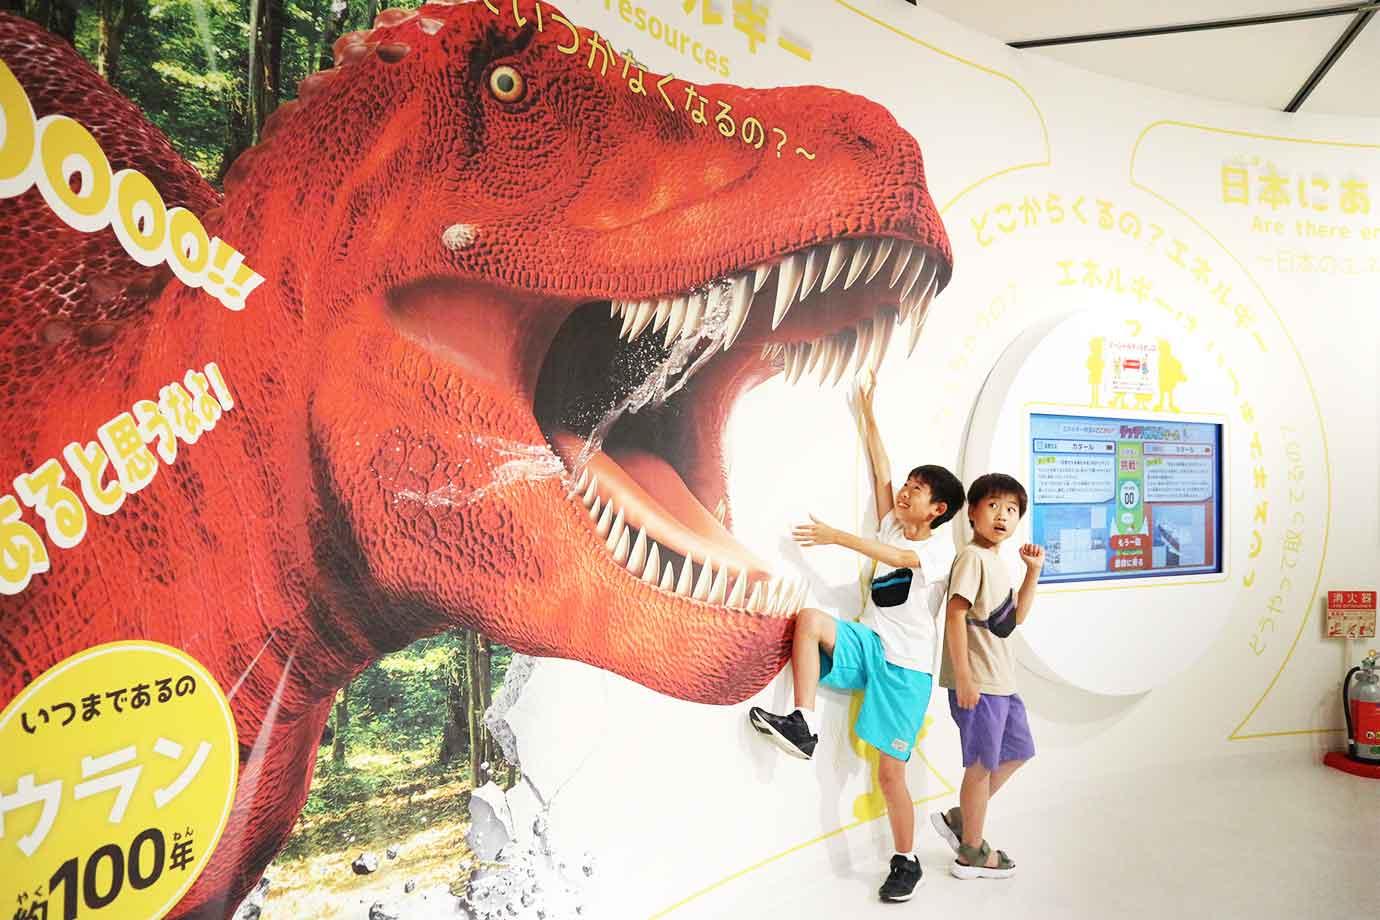 大きなティラノサウルスが口を開けたトリックアートに遭遇